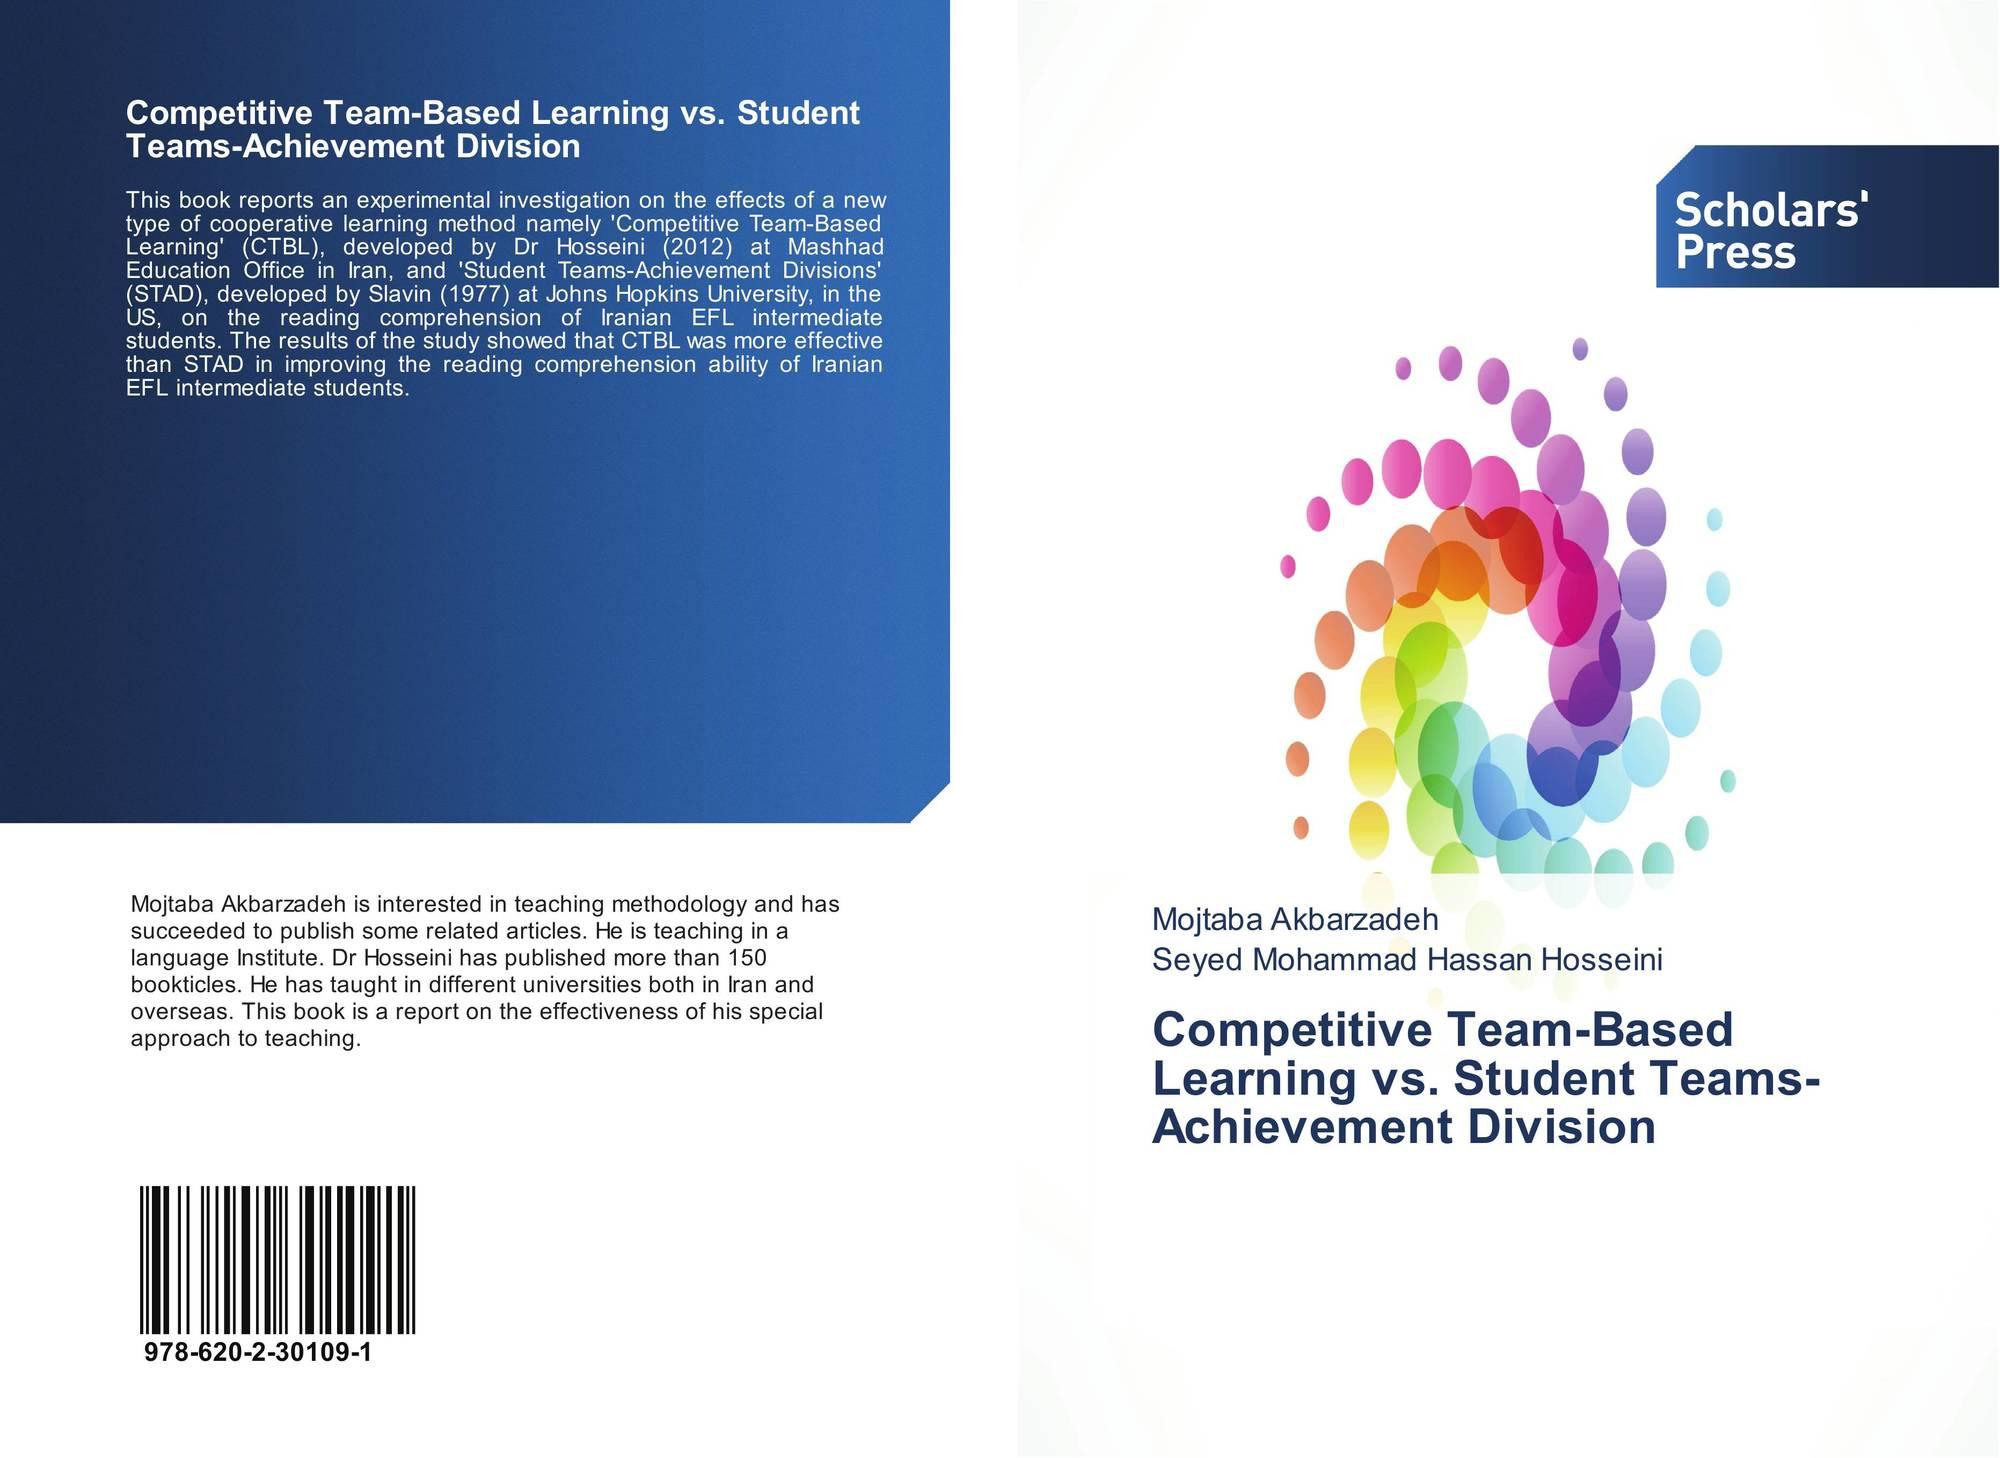 Student teams achievement divisions model